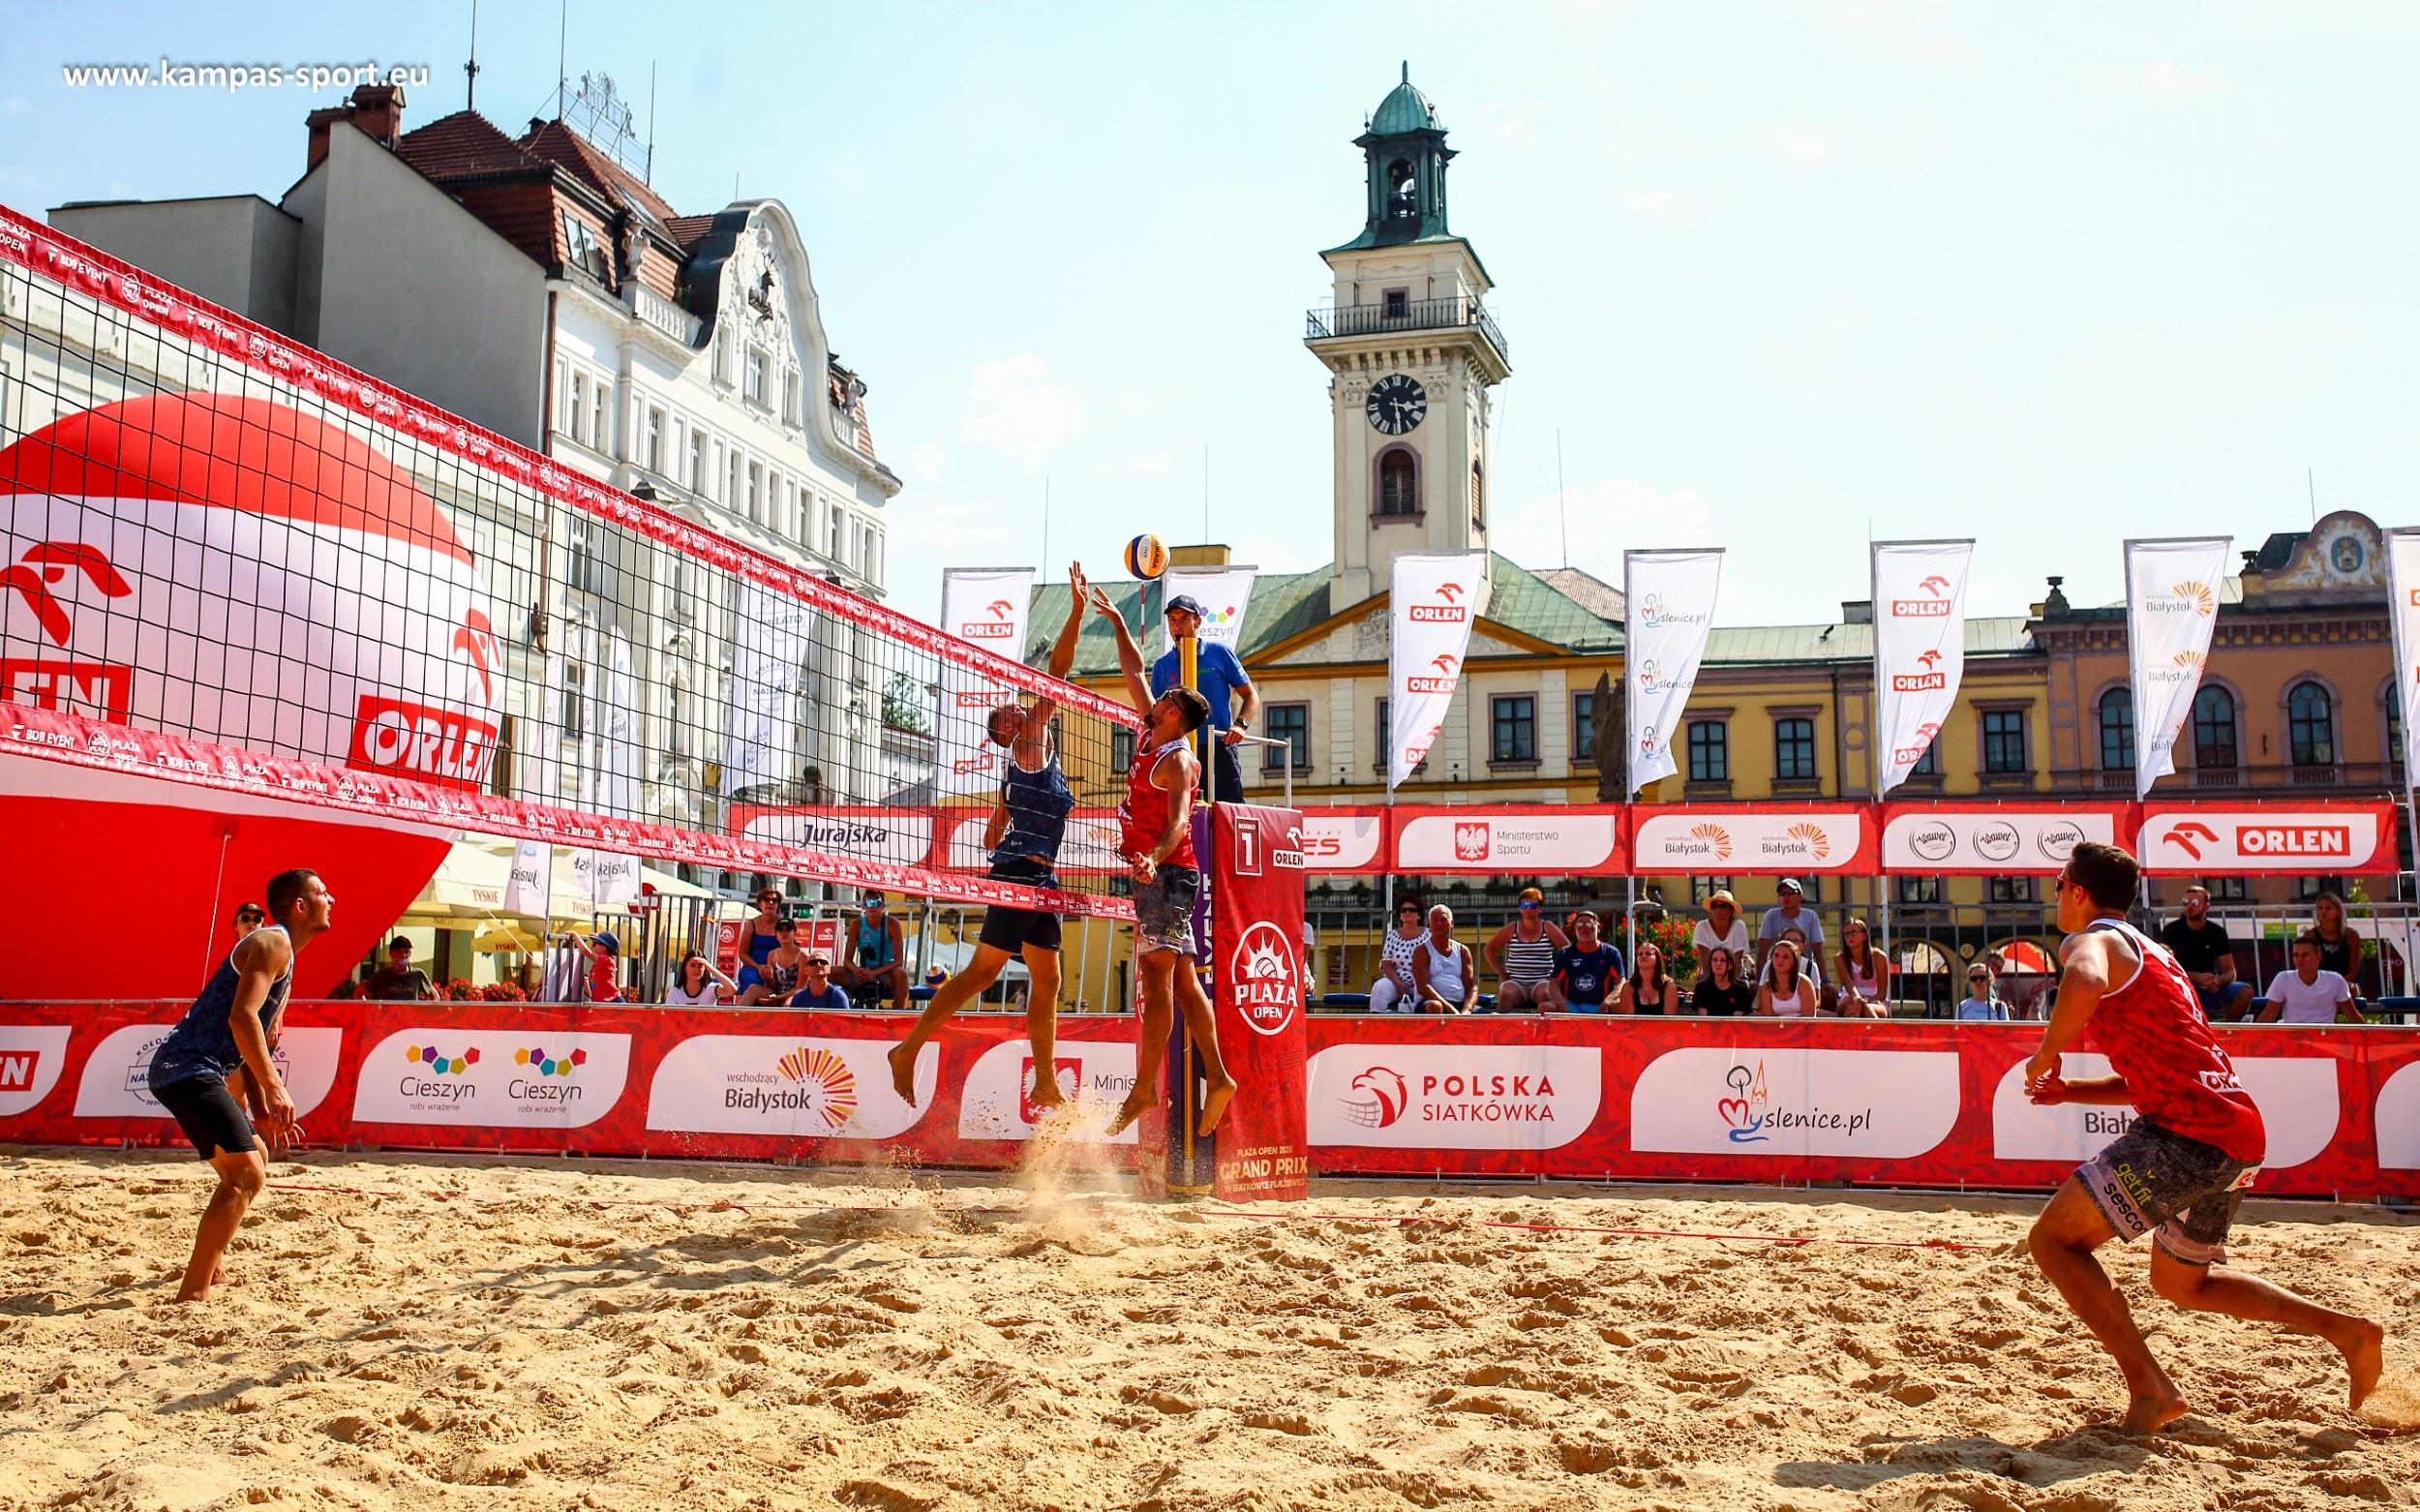 Plaża Open 2020 Cieszyn